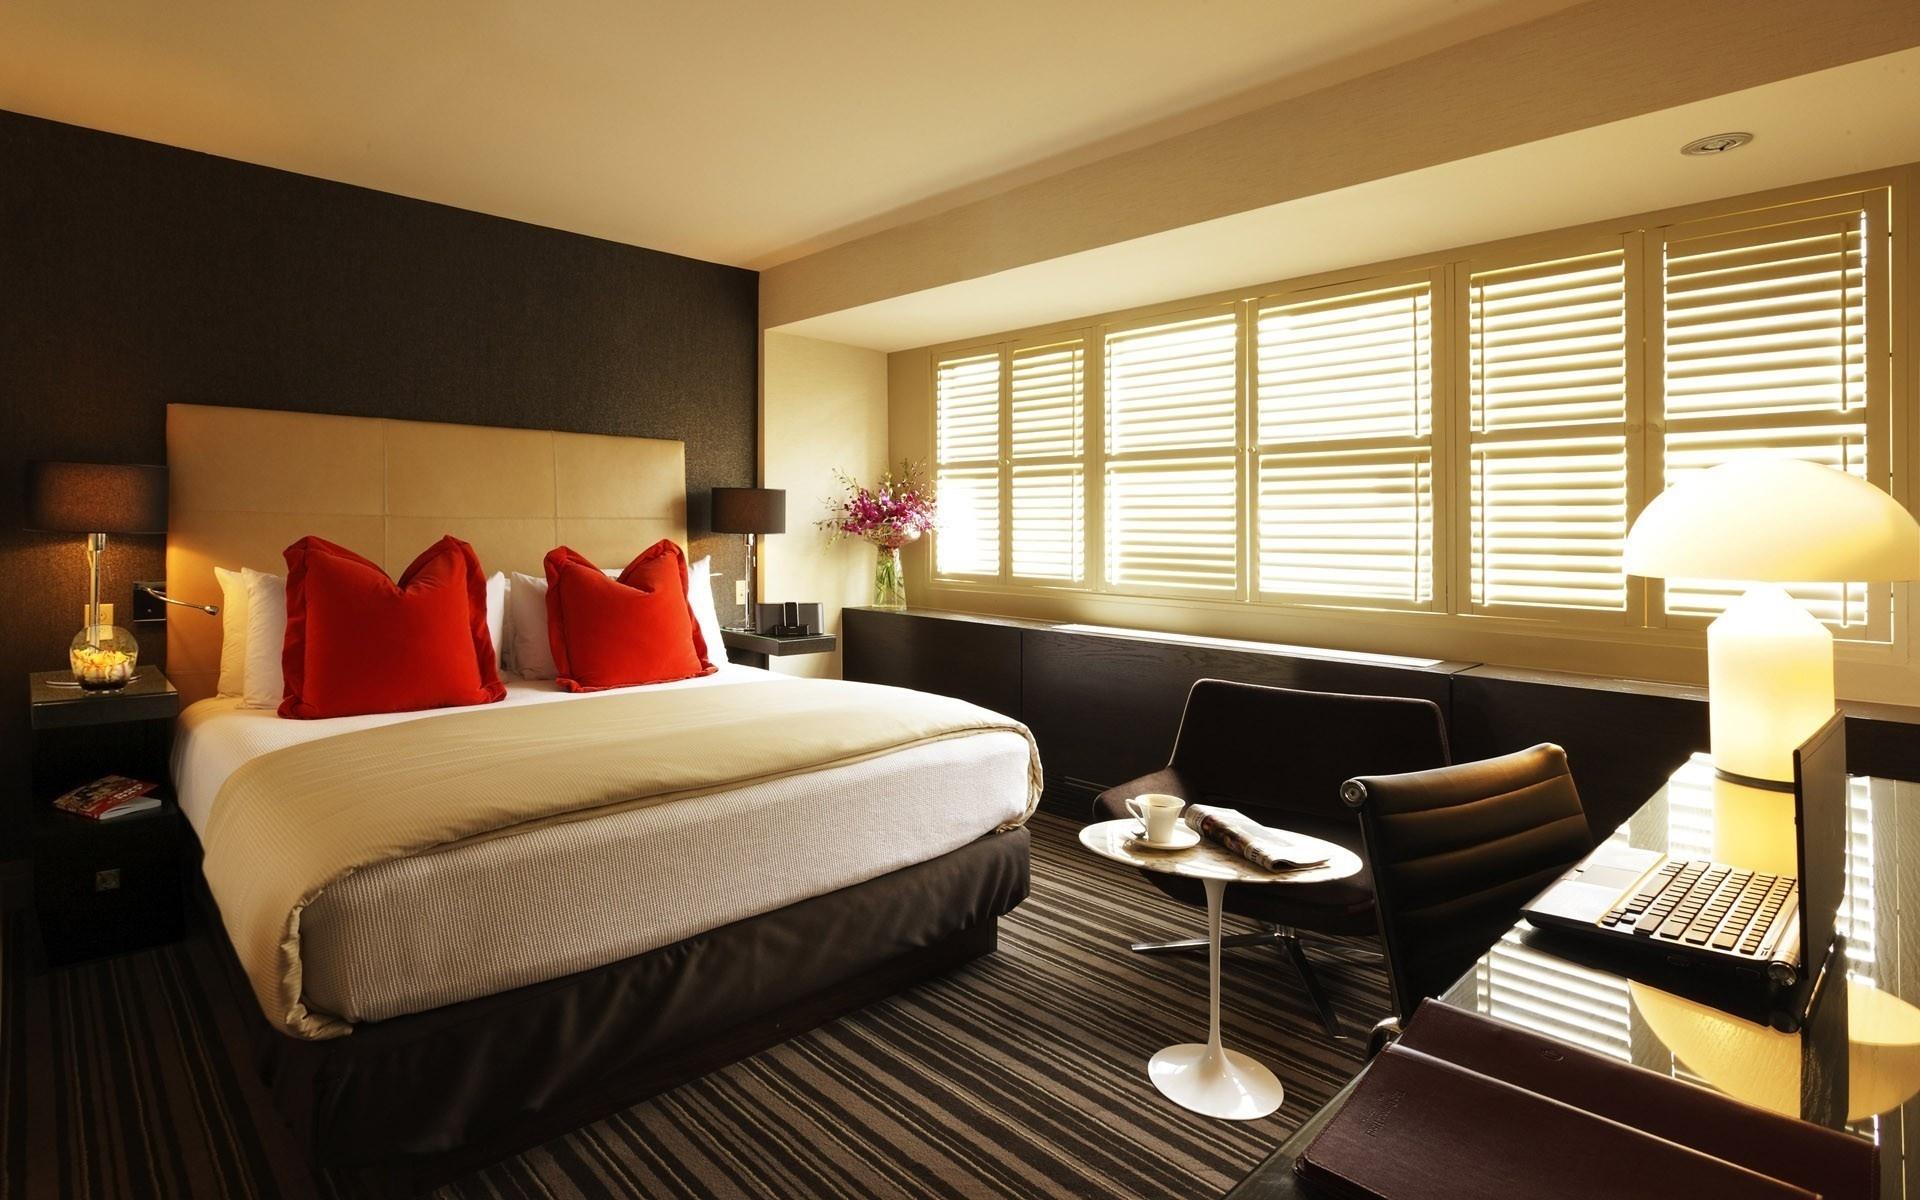 Реечная кровать в спальне